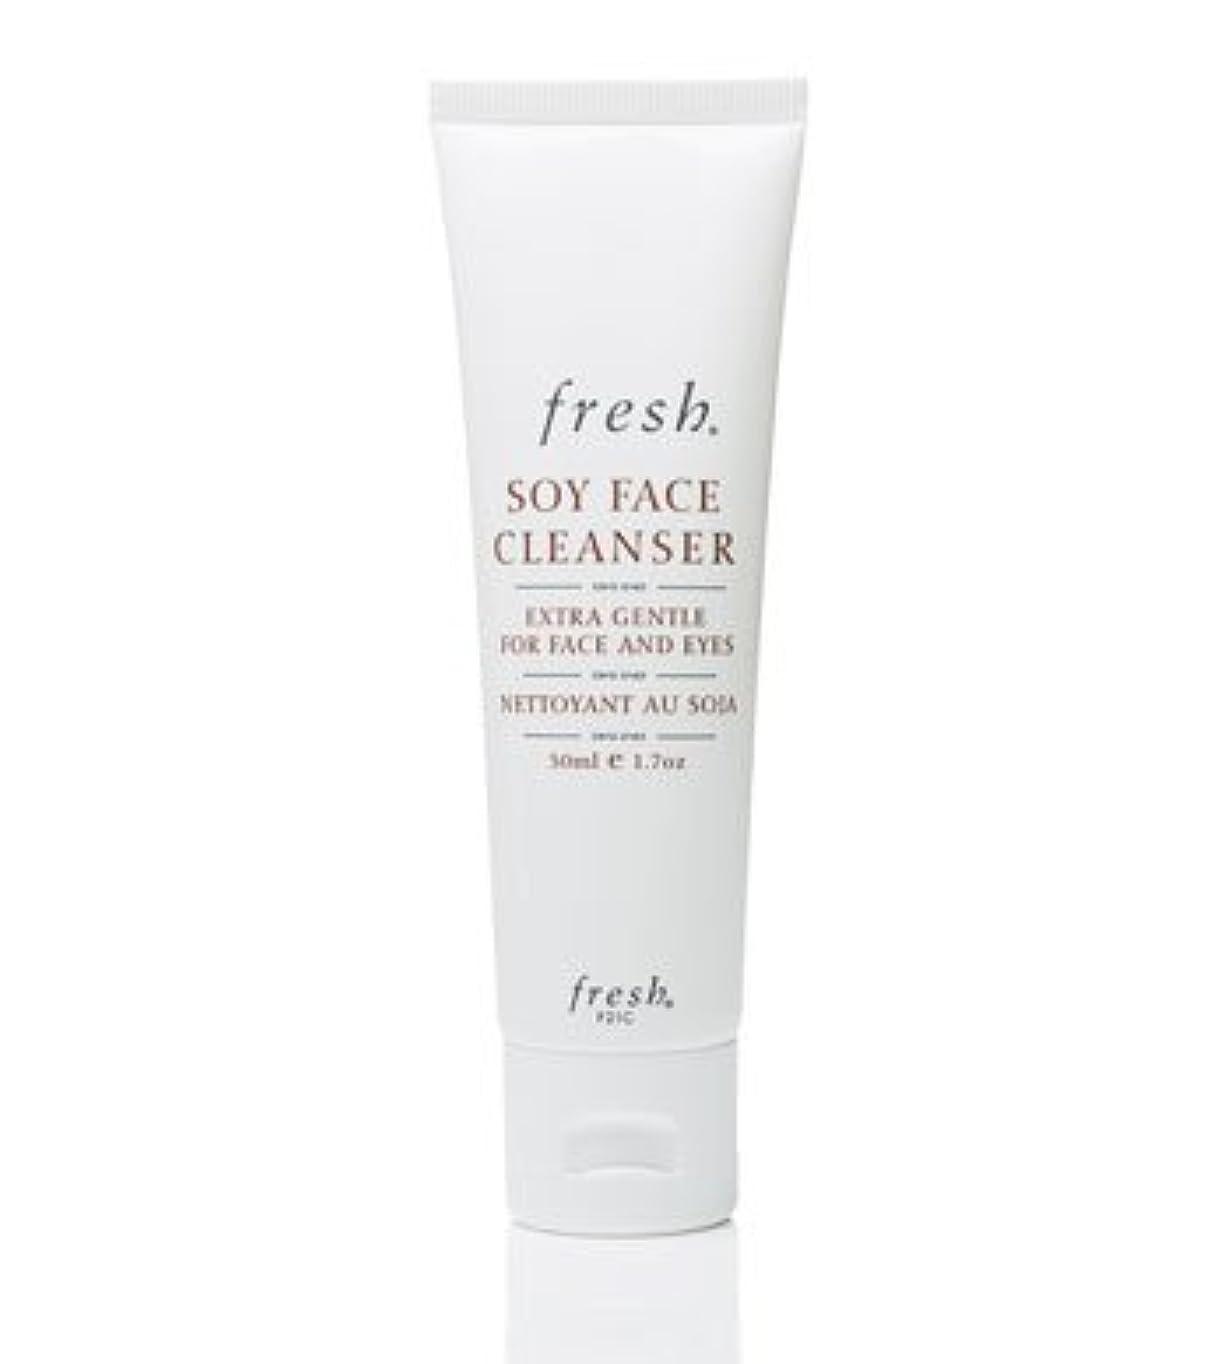 八悪性二週間Fresh SOY FACE CREAM (フレッシュ ソイ フェイスクリーム) 1.7 oz (50g) by Fresh for Women